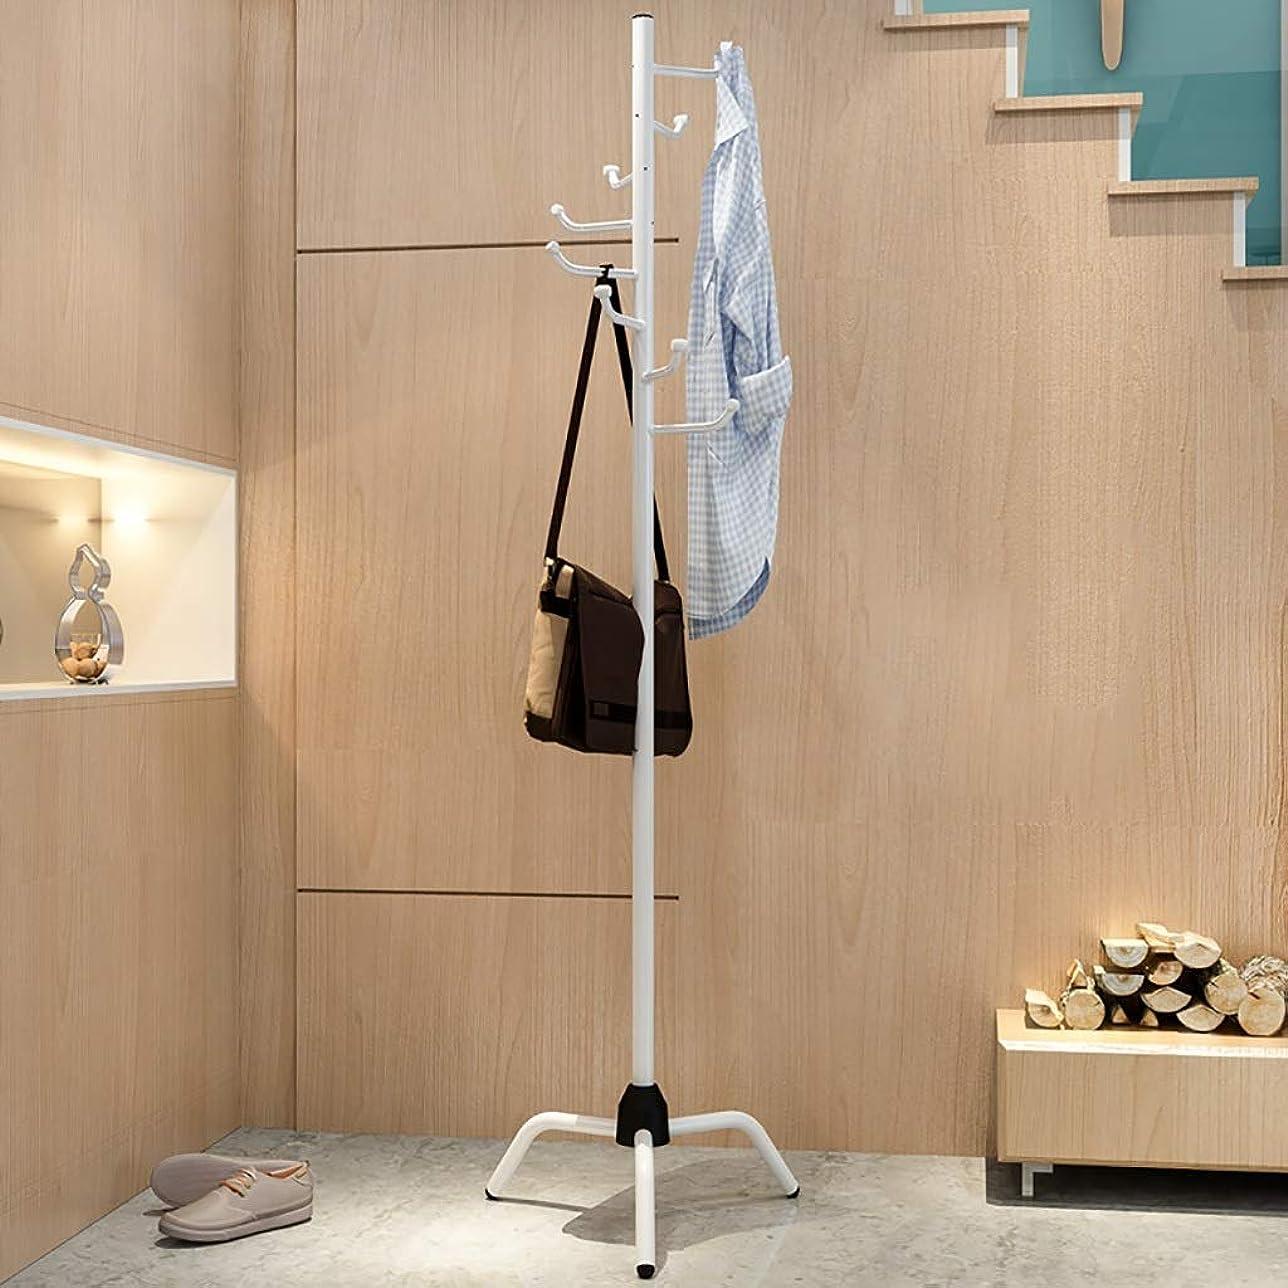 糸ジェット絶望的な丈夫 帽子ハンガー、複数のフックヘビーハンガーハンガーハンガーホールフックオフィスエントランス178.5 * 50 Cm (Color : White)